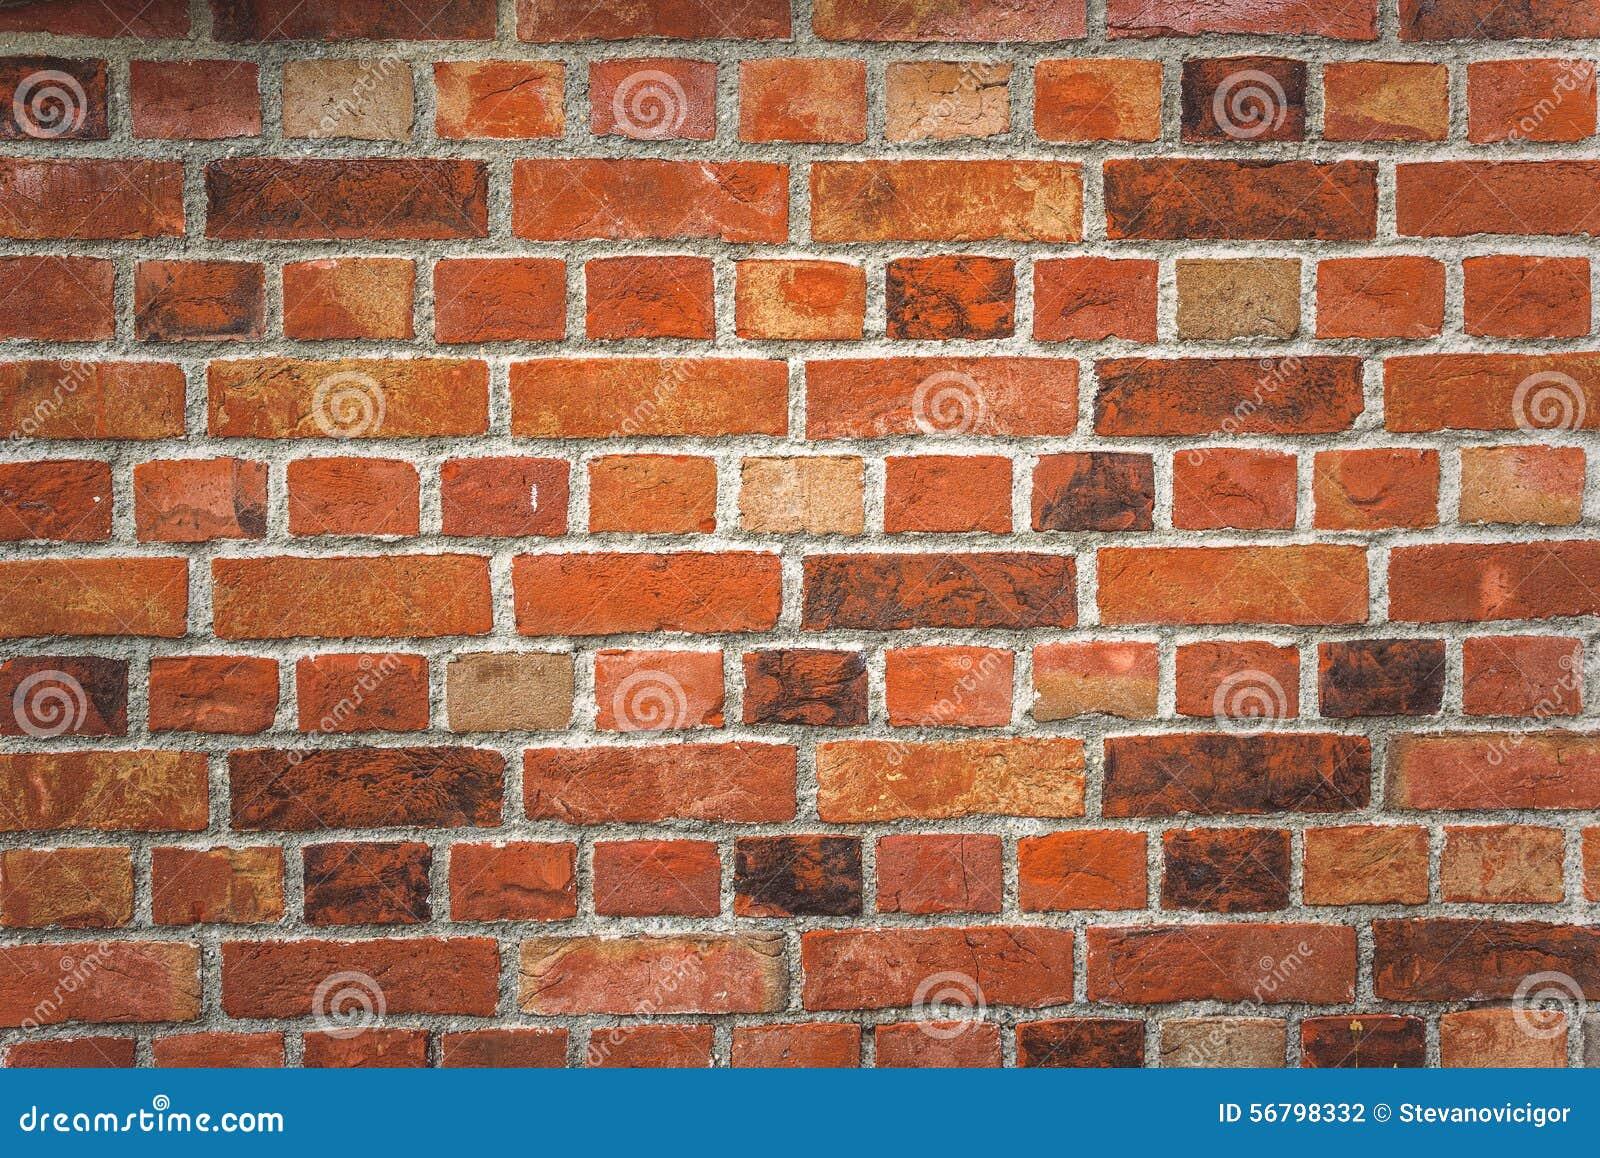 Viejo modelo r stico de la textura de la pared de ladrillo - Precios de ladrillos rusticos ...